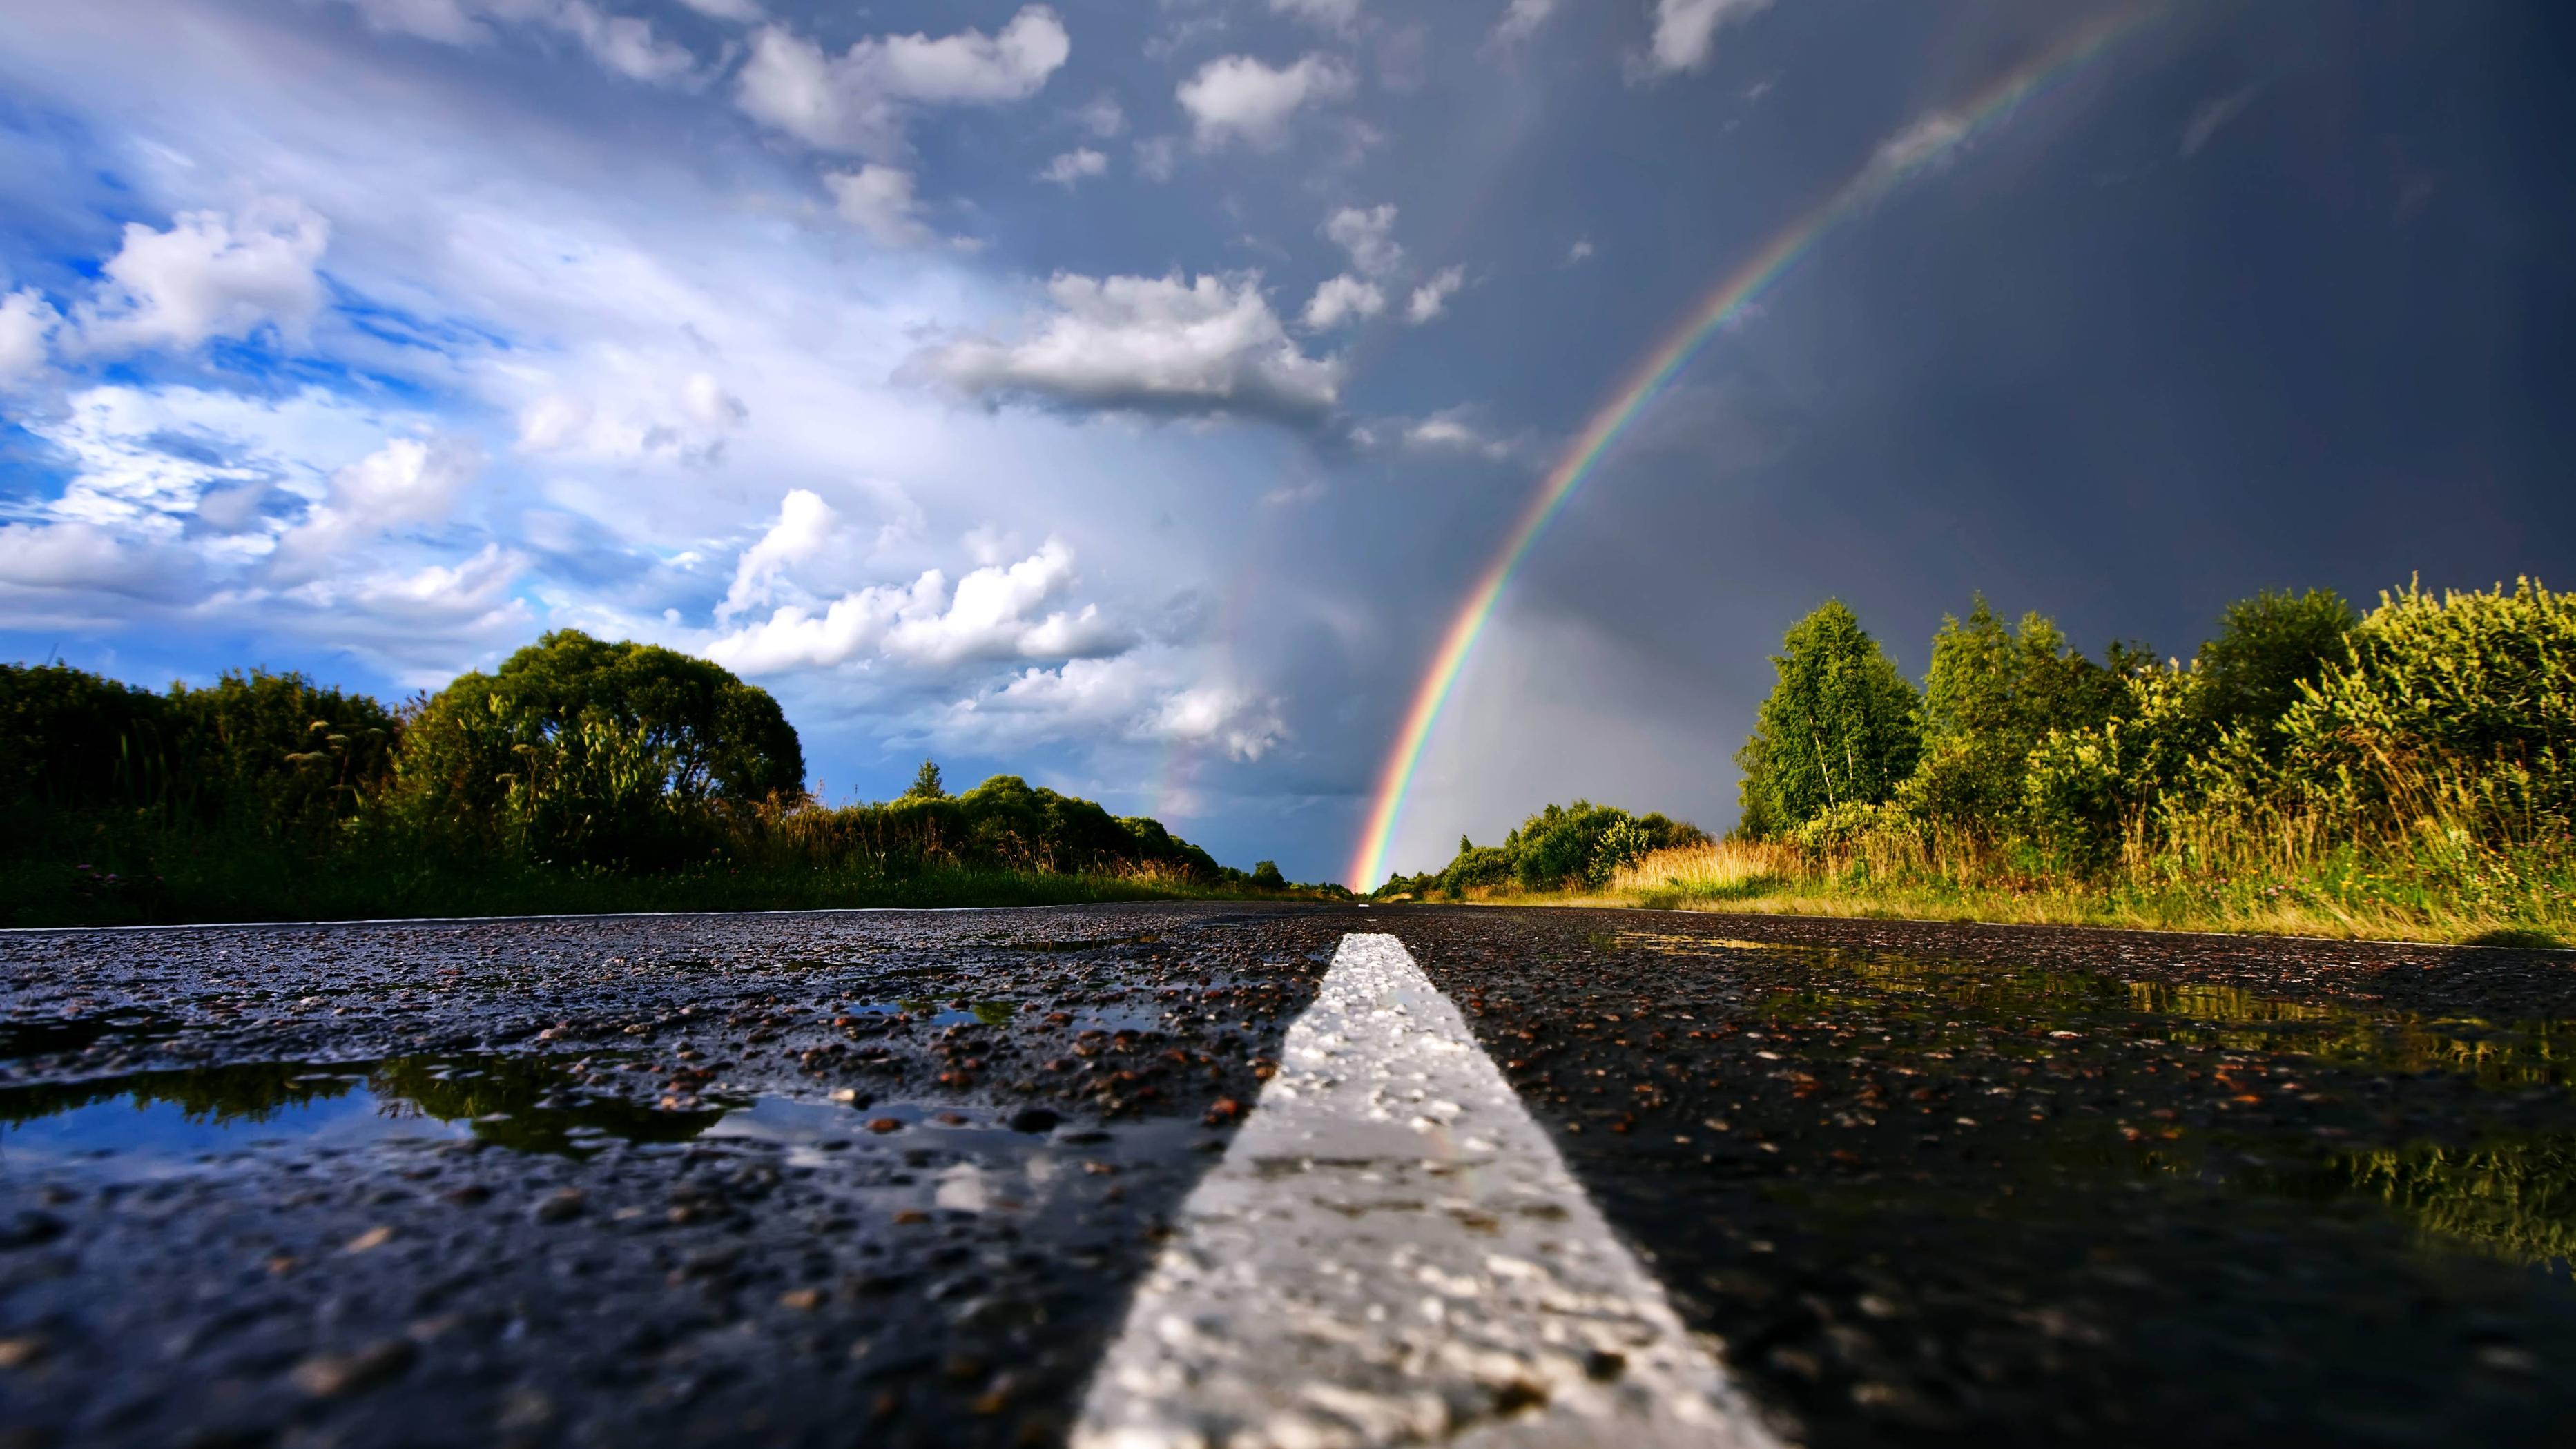 wallpaper road adnfriki (7)